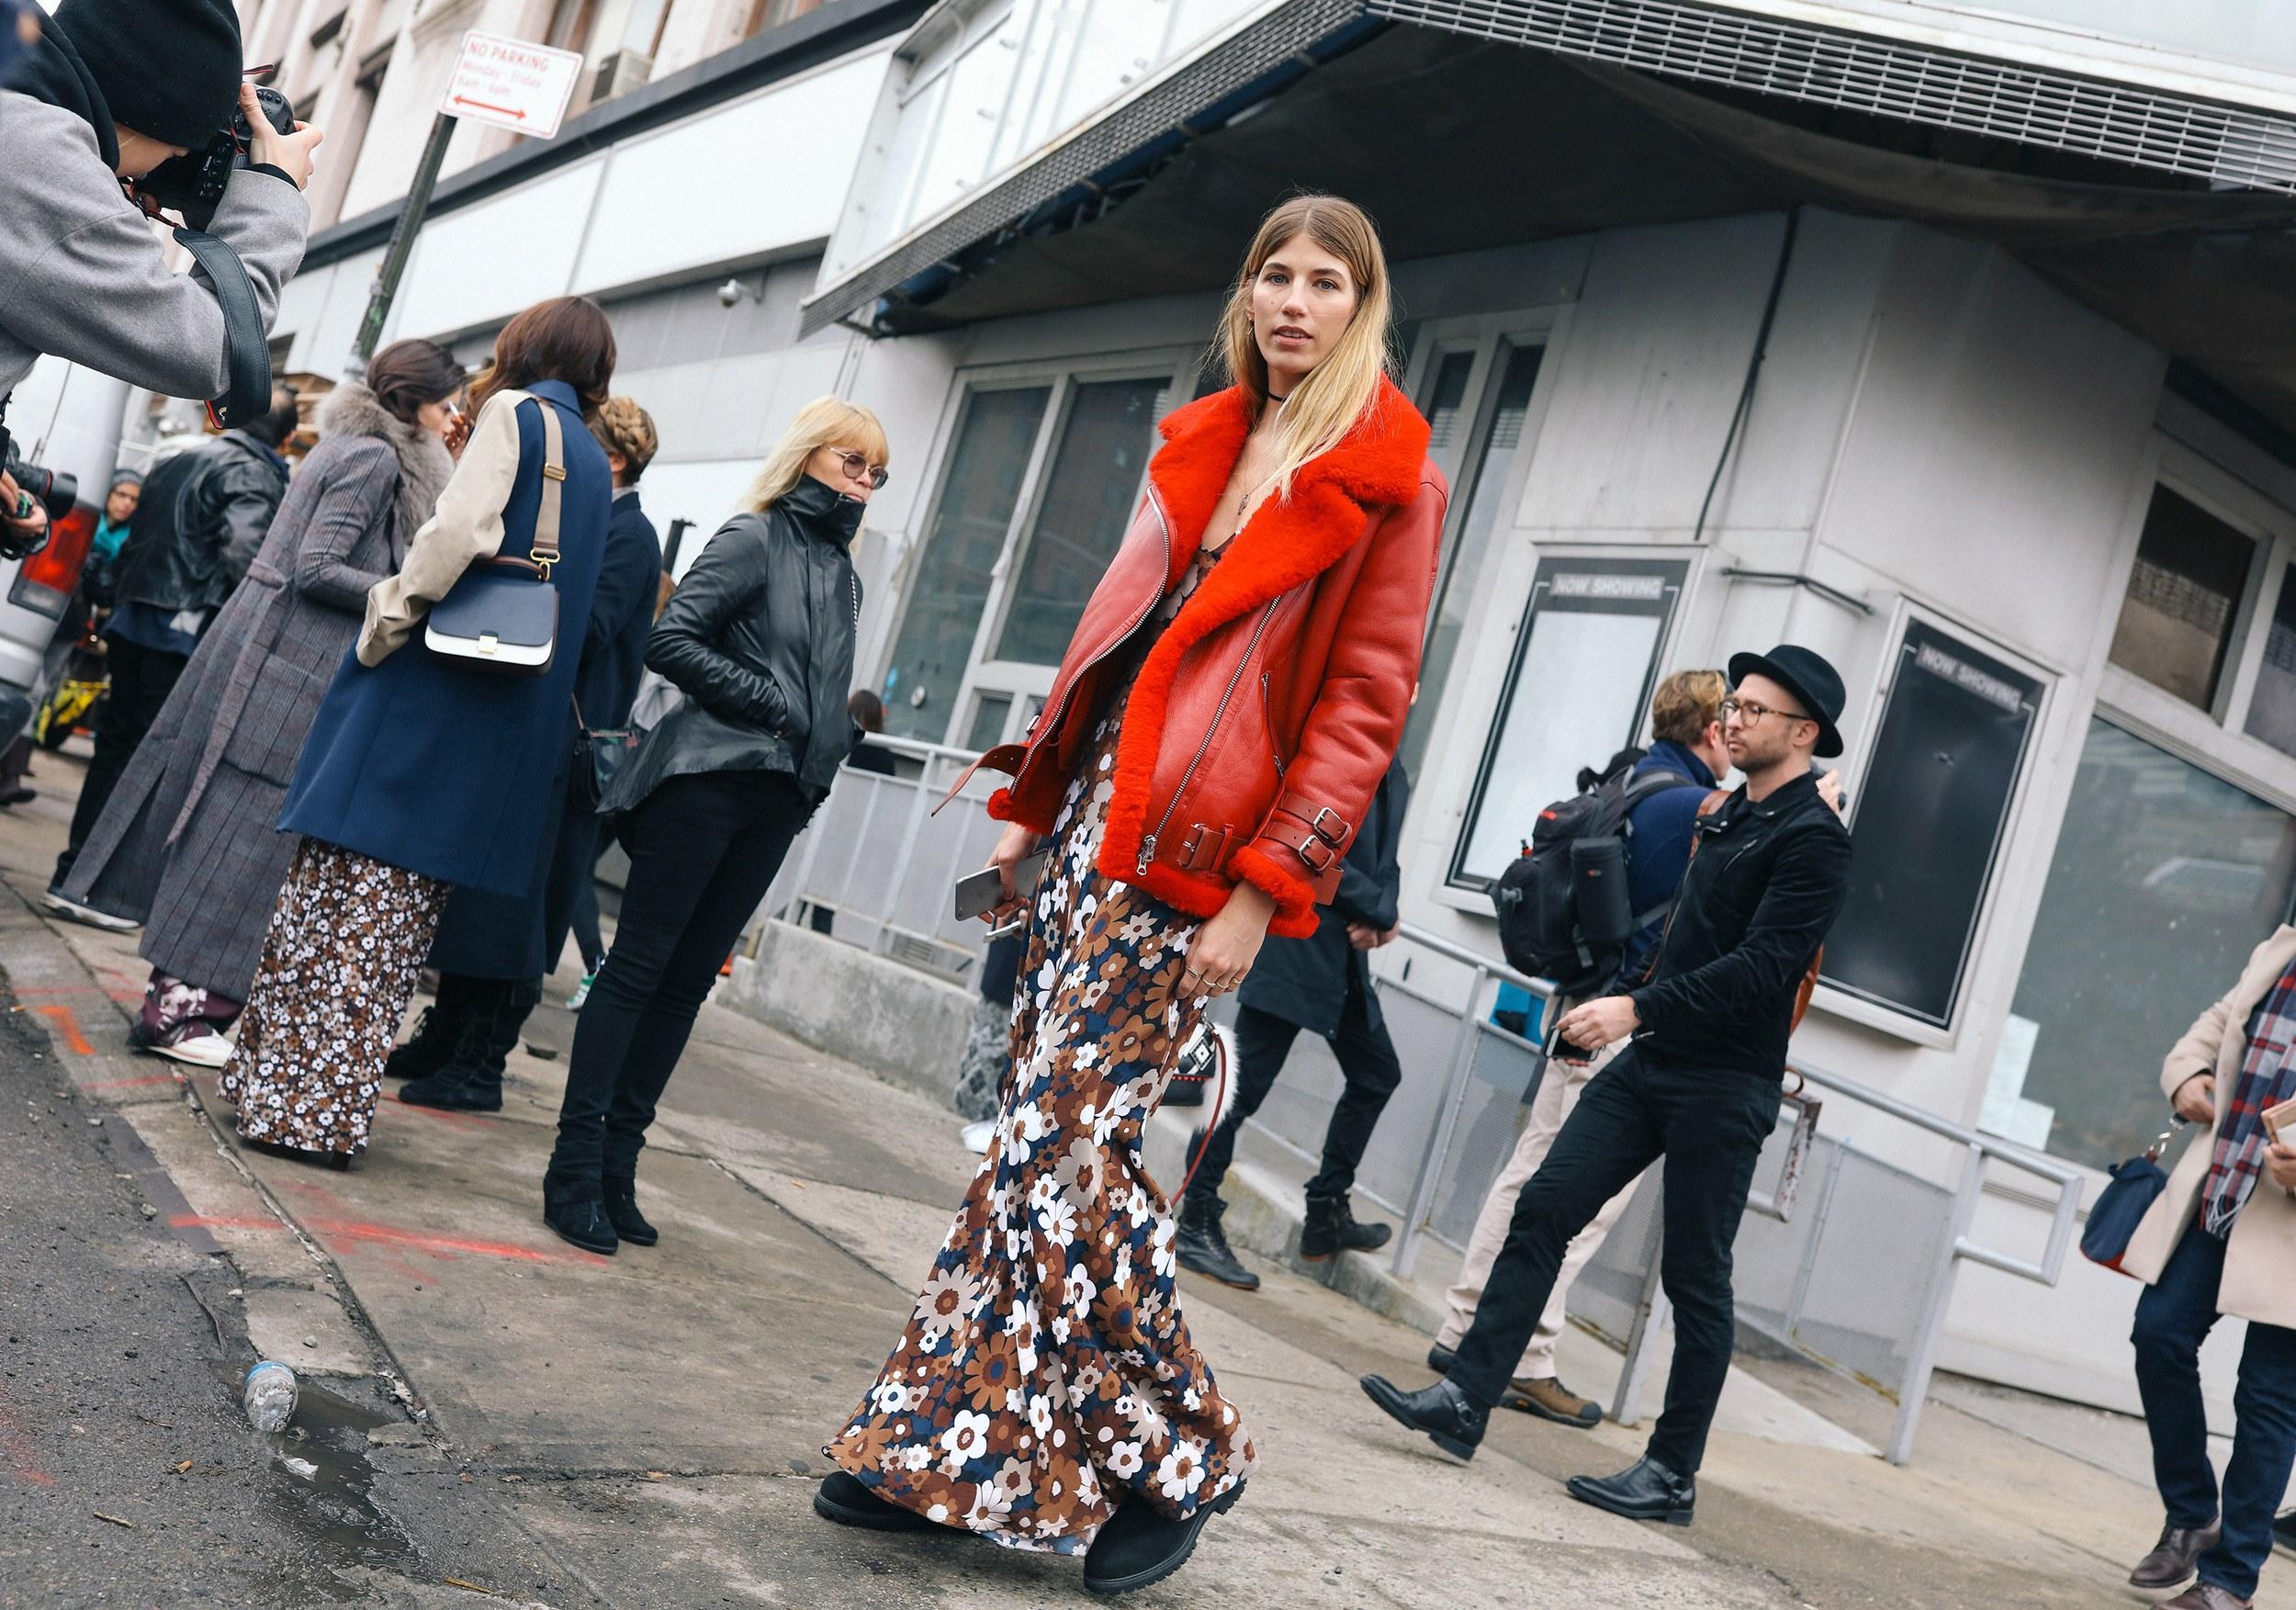 Chiêm ngưỡng đặc sản street style đẹp khó rời mắt tại Tuần lễ thời trang New York - Ảnh 15.